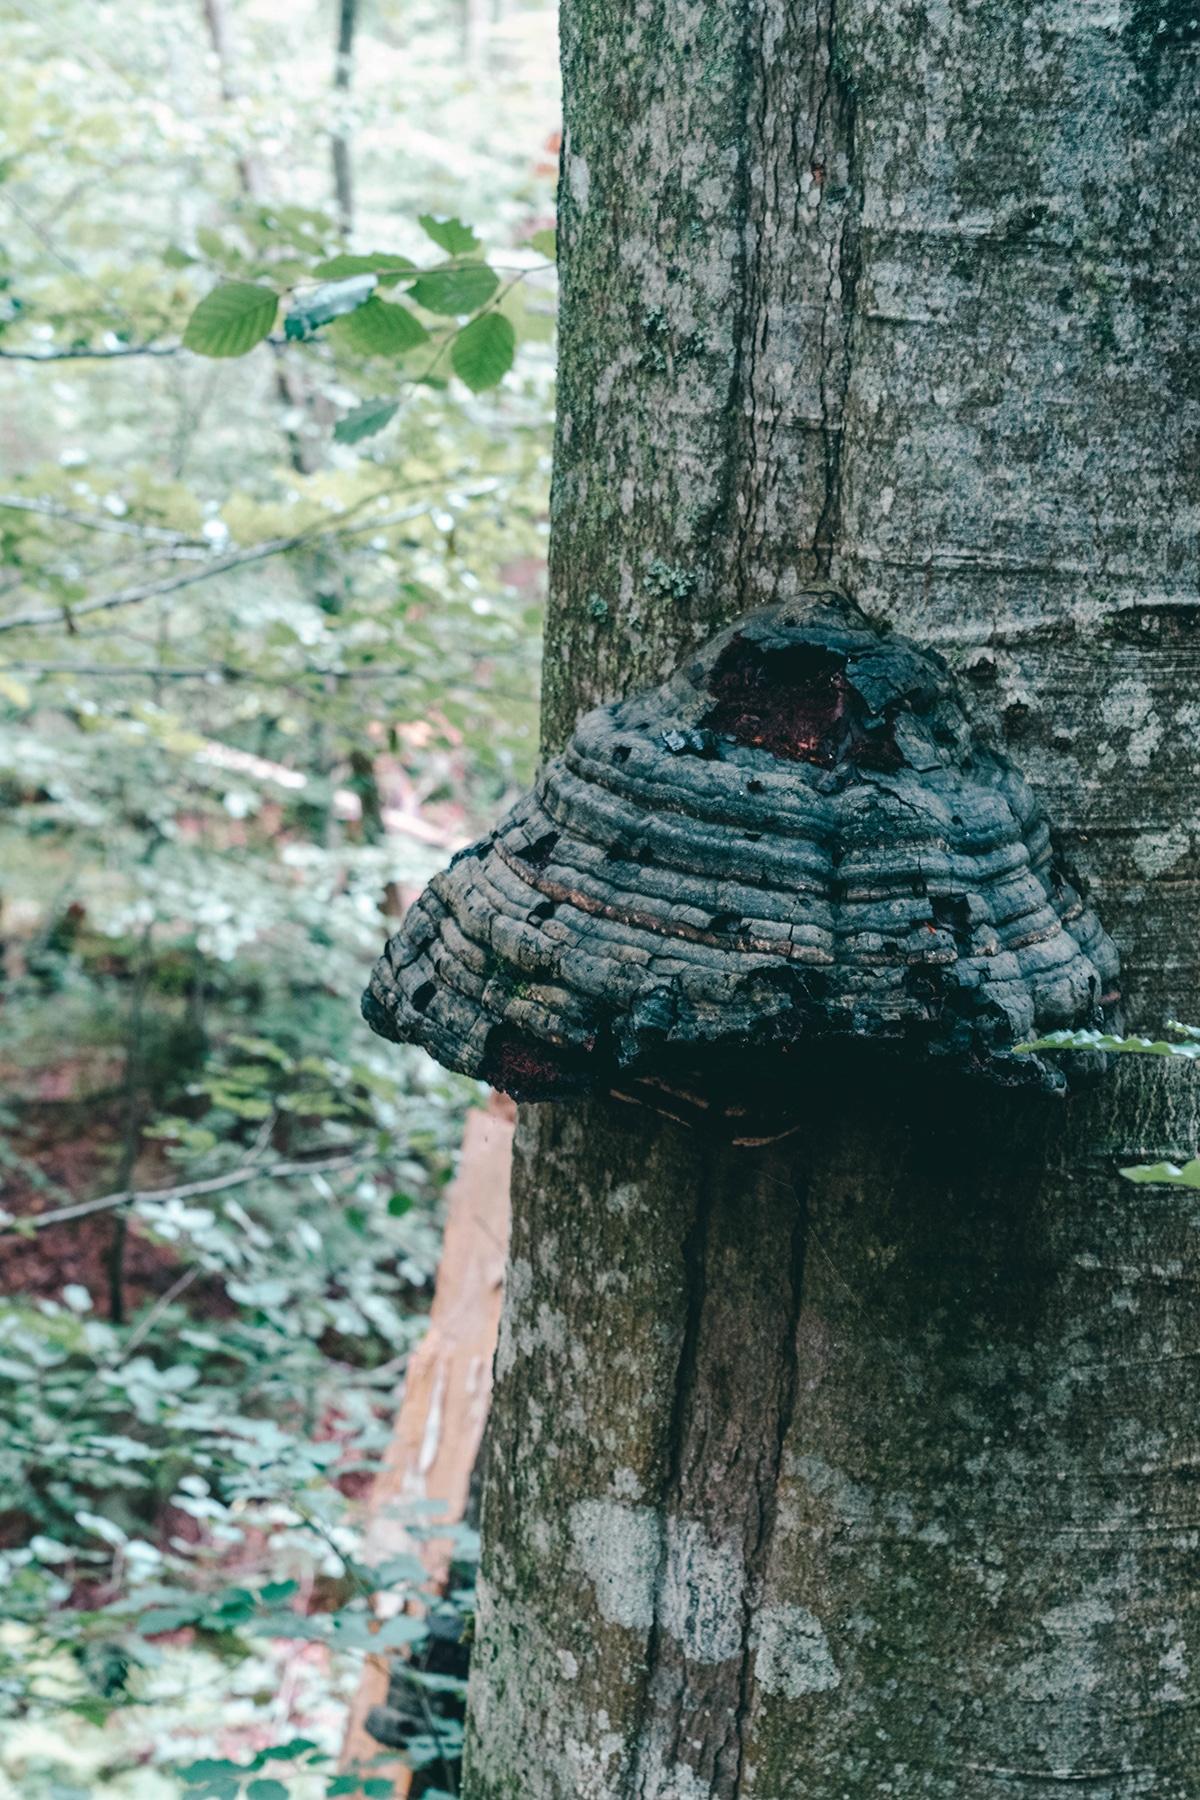 nationalpark-sagwasserklause-bienen-nest